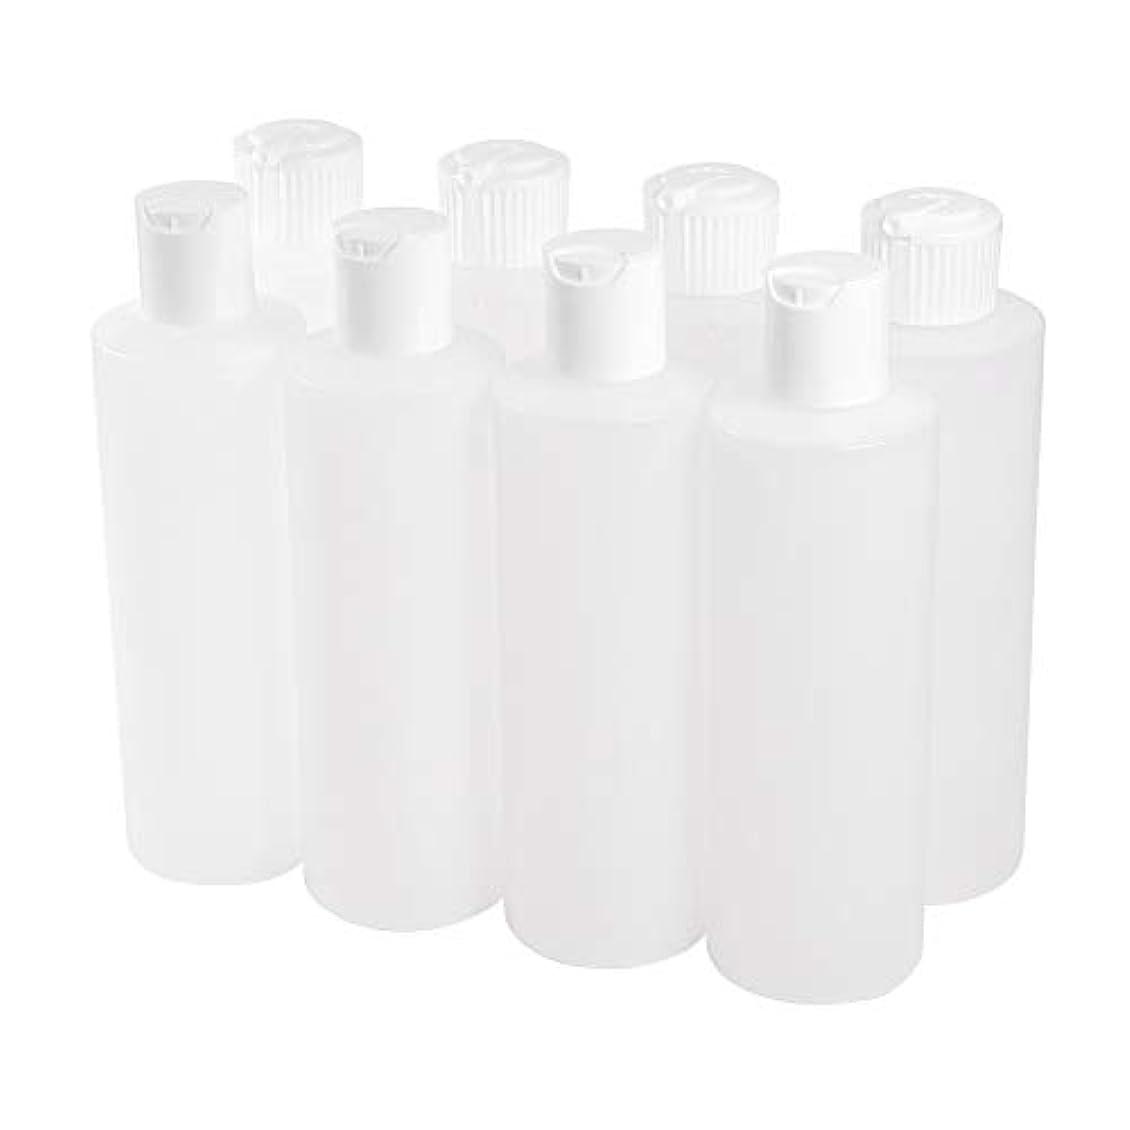 解明認可適切にPH PandaHall 約8個/セット 250ml ドロッパーボトル グルーボトル 液体 小分けボトル スクイズボトル 液体コンテナディスペンサー プラスチック容器 詰め替え 収納 プラスチック製 クリア 手芸用品